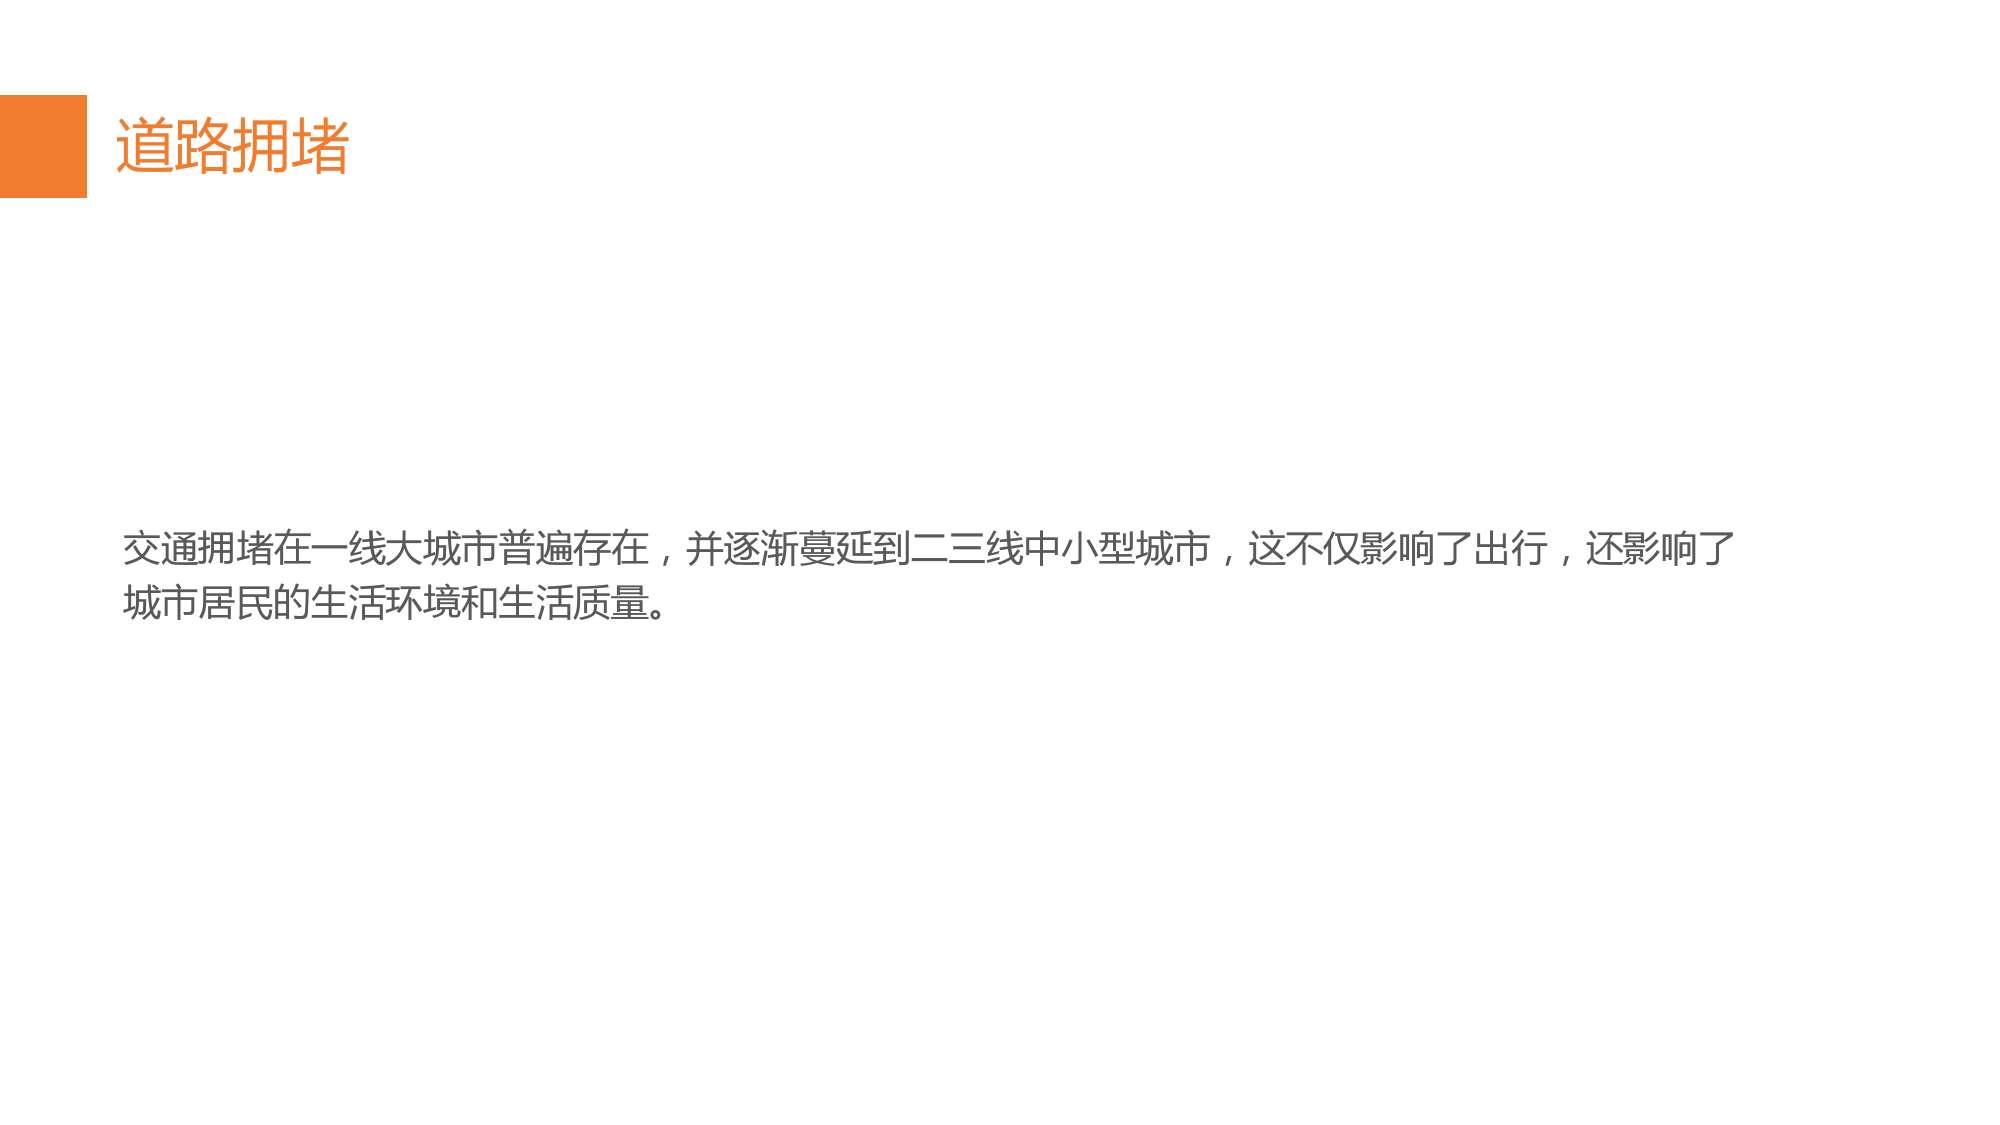 中国智能出行2015大数据报告_000023